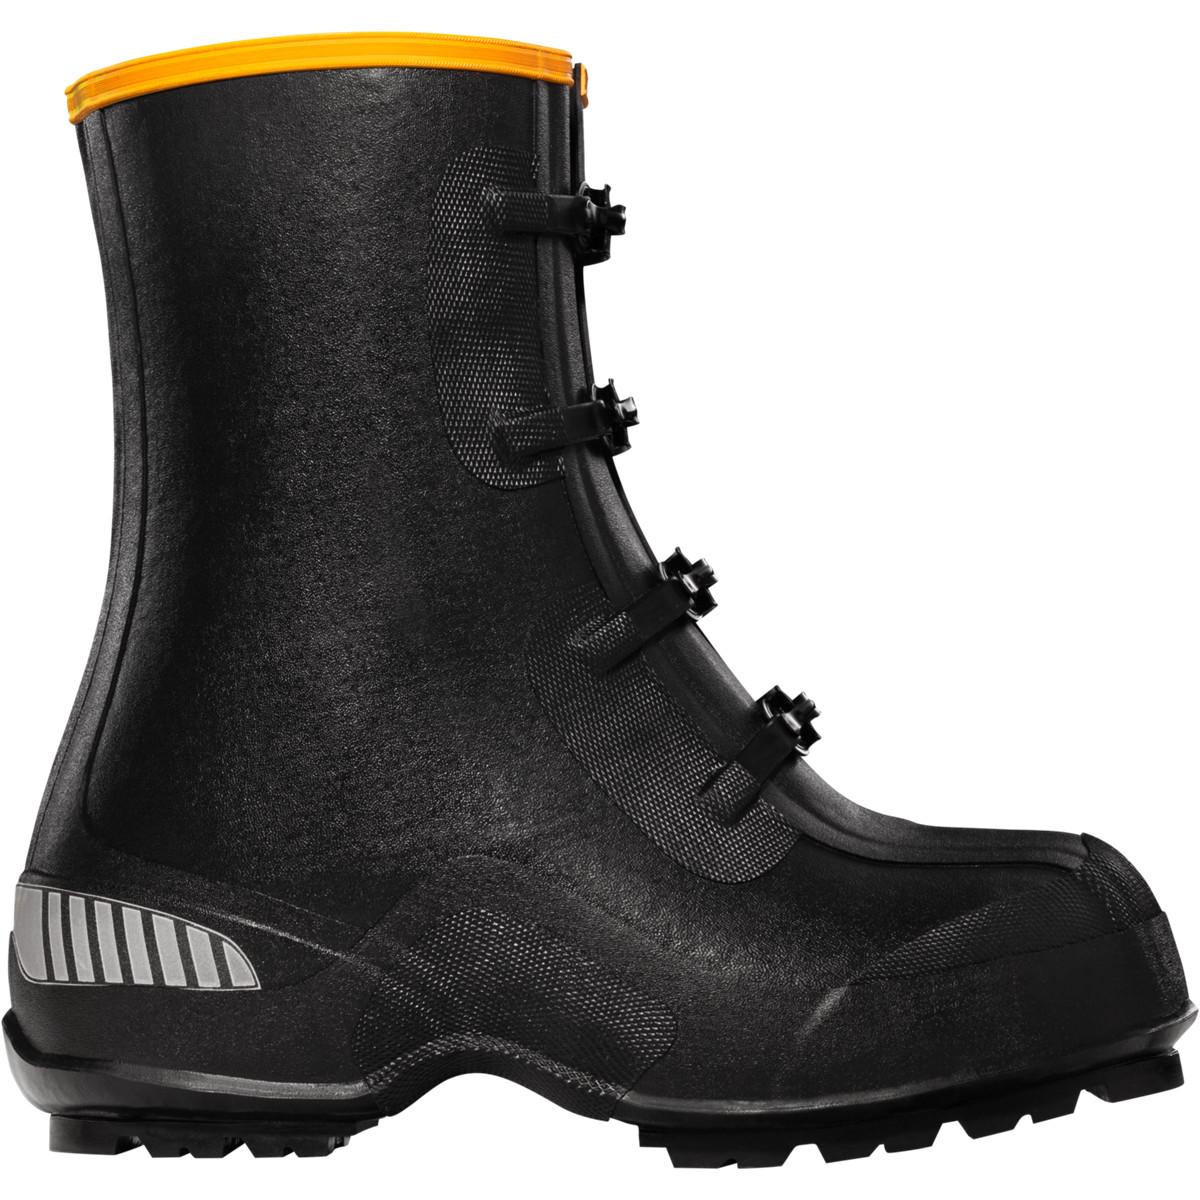 e56623d5dcb962 LaCrosse Footwear - ATS Overshoe 12